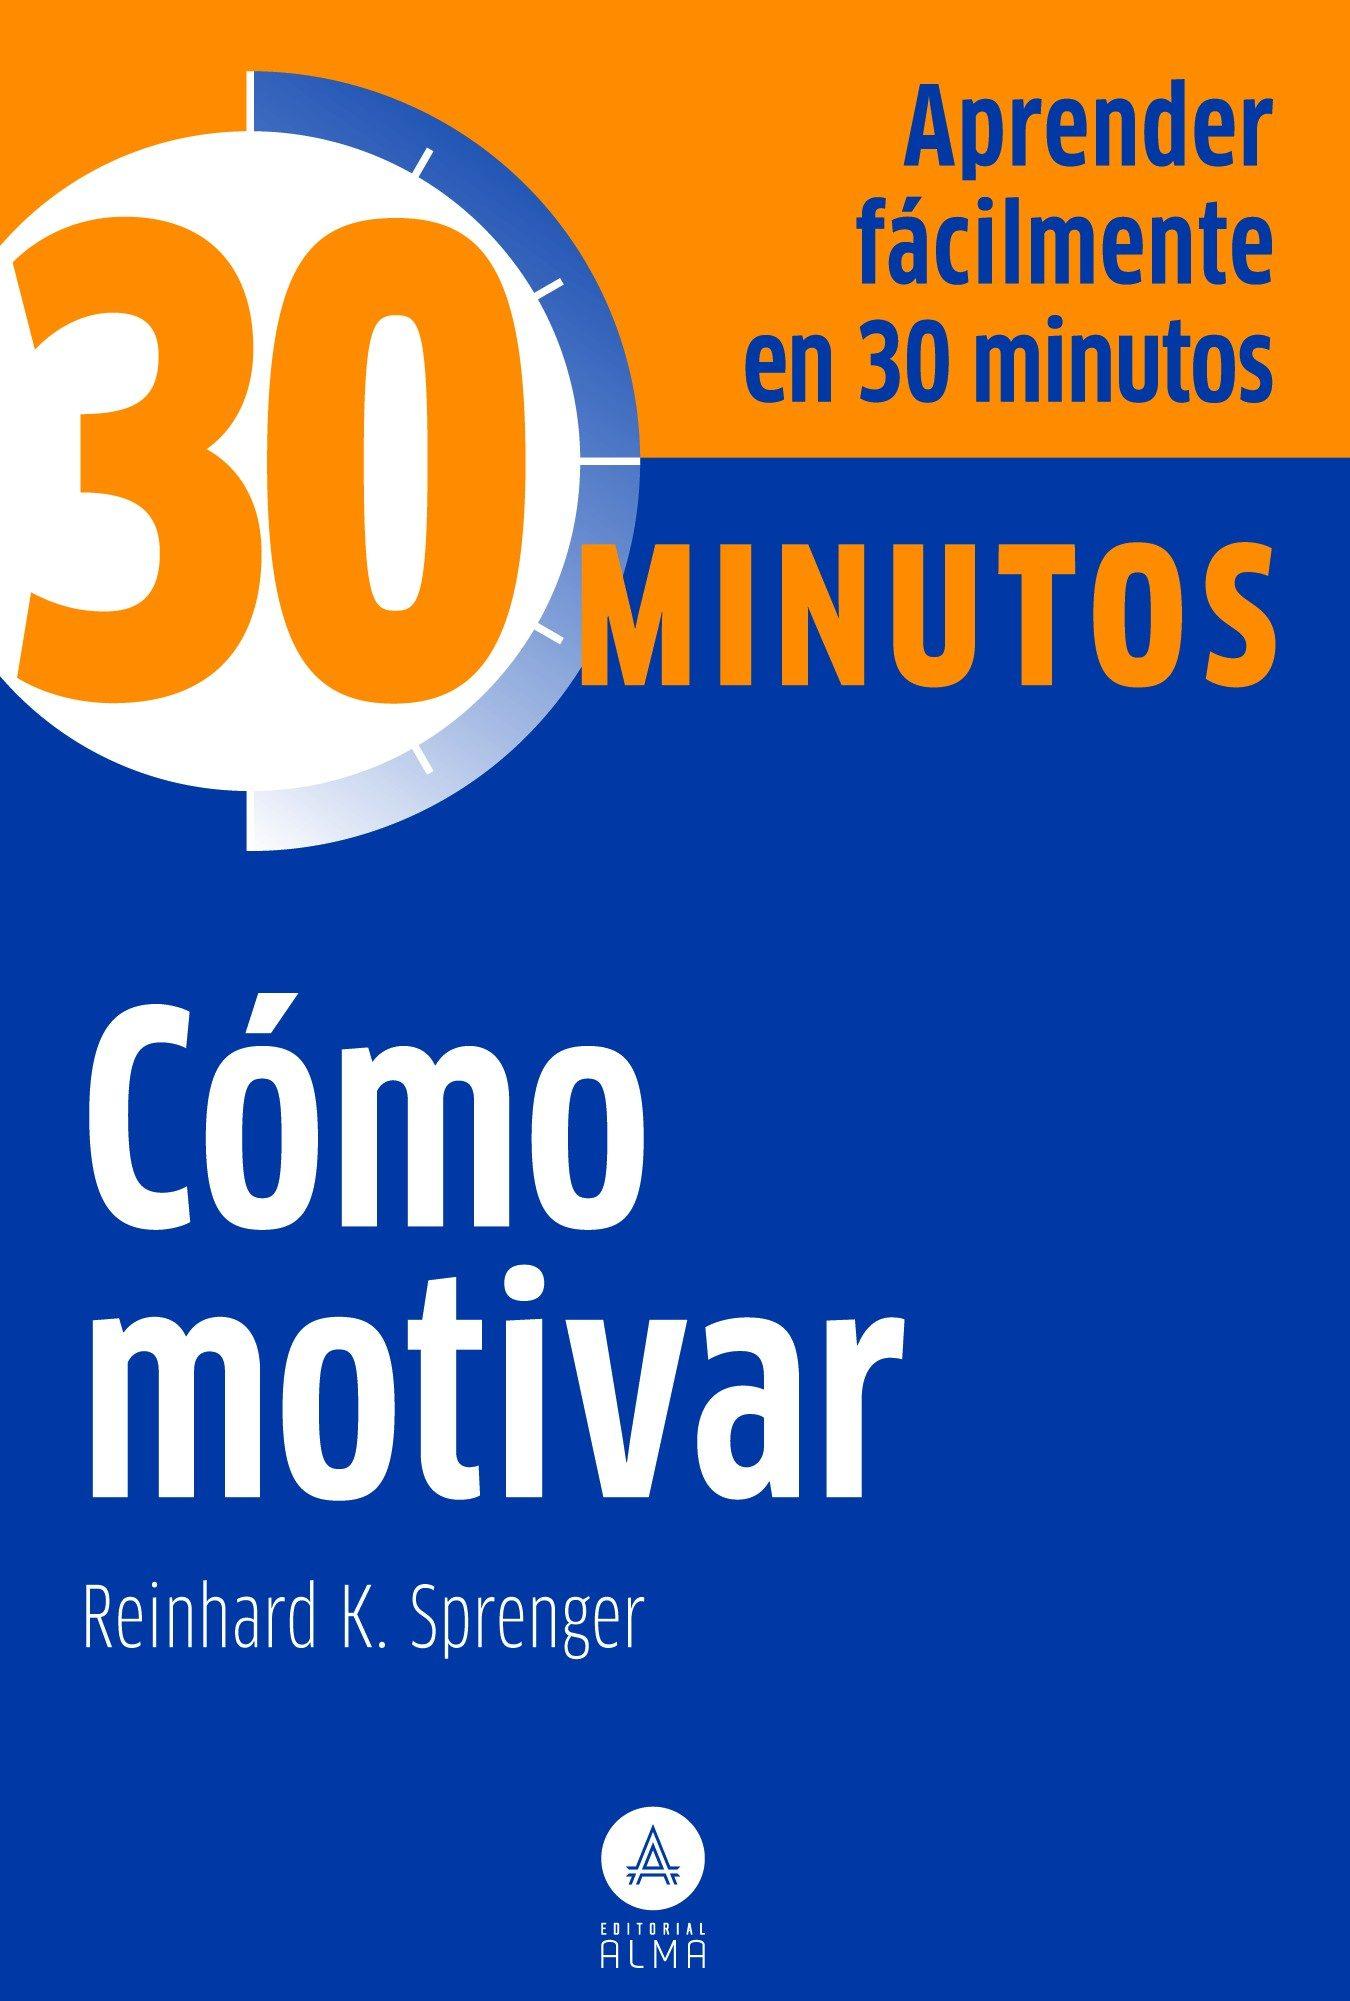 como motivar-reinhard k. sprenger-9788415618058